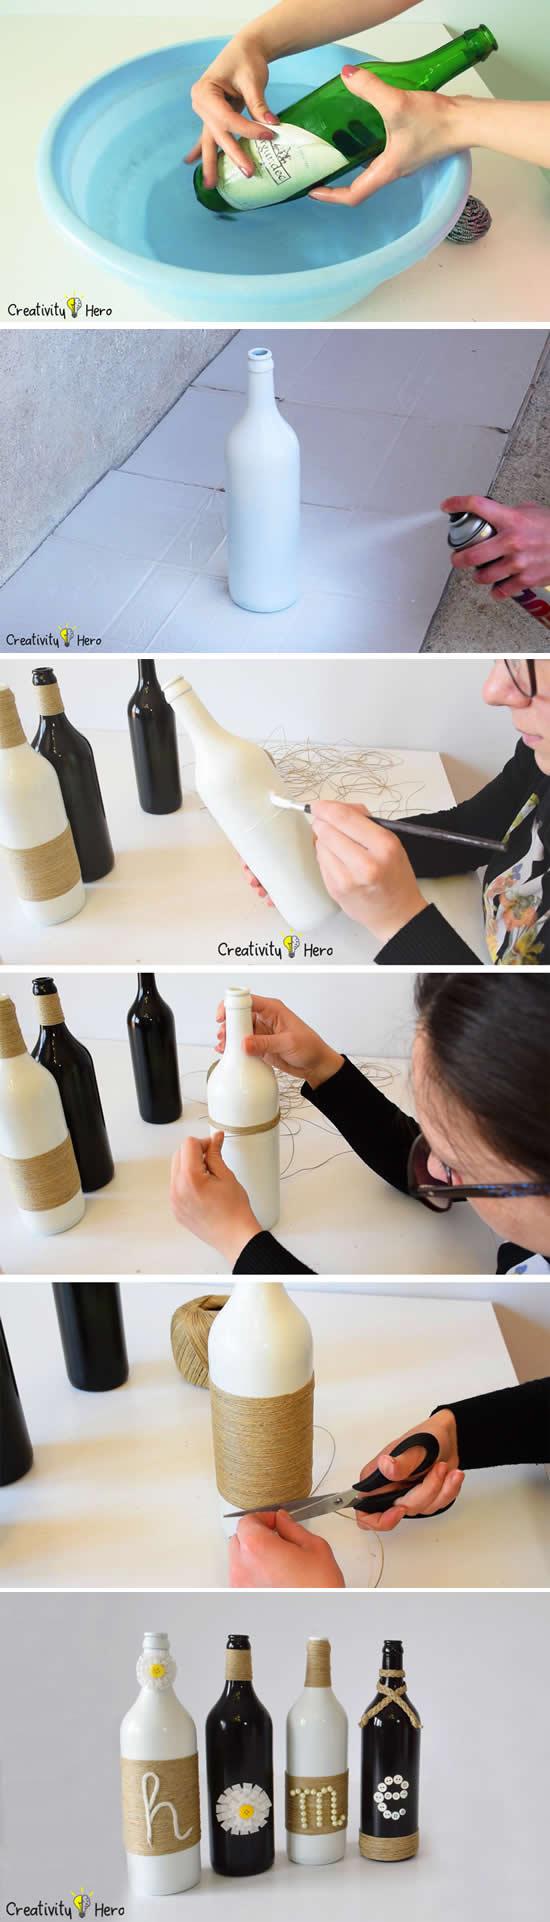 Passo a passo de artesanato com garrafa de vinho